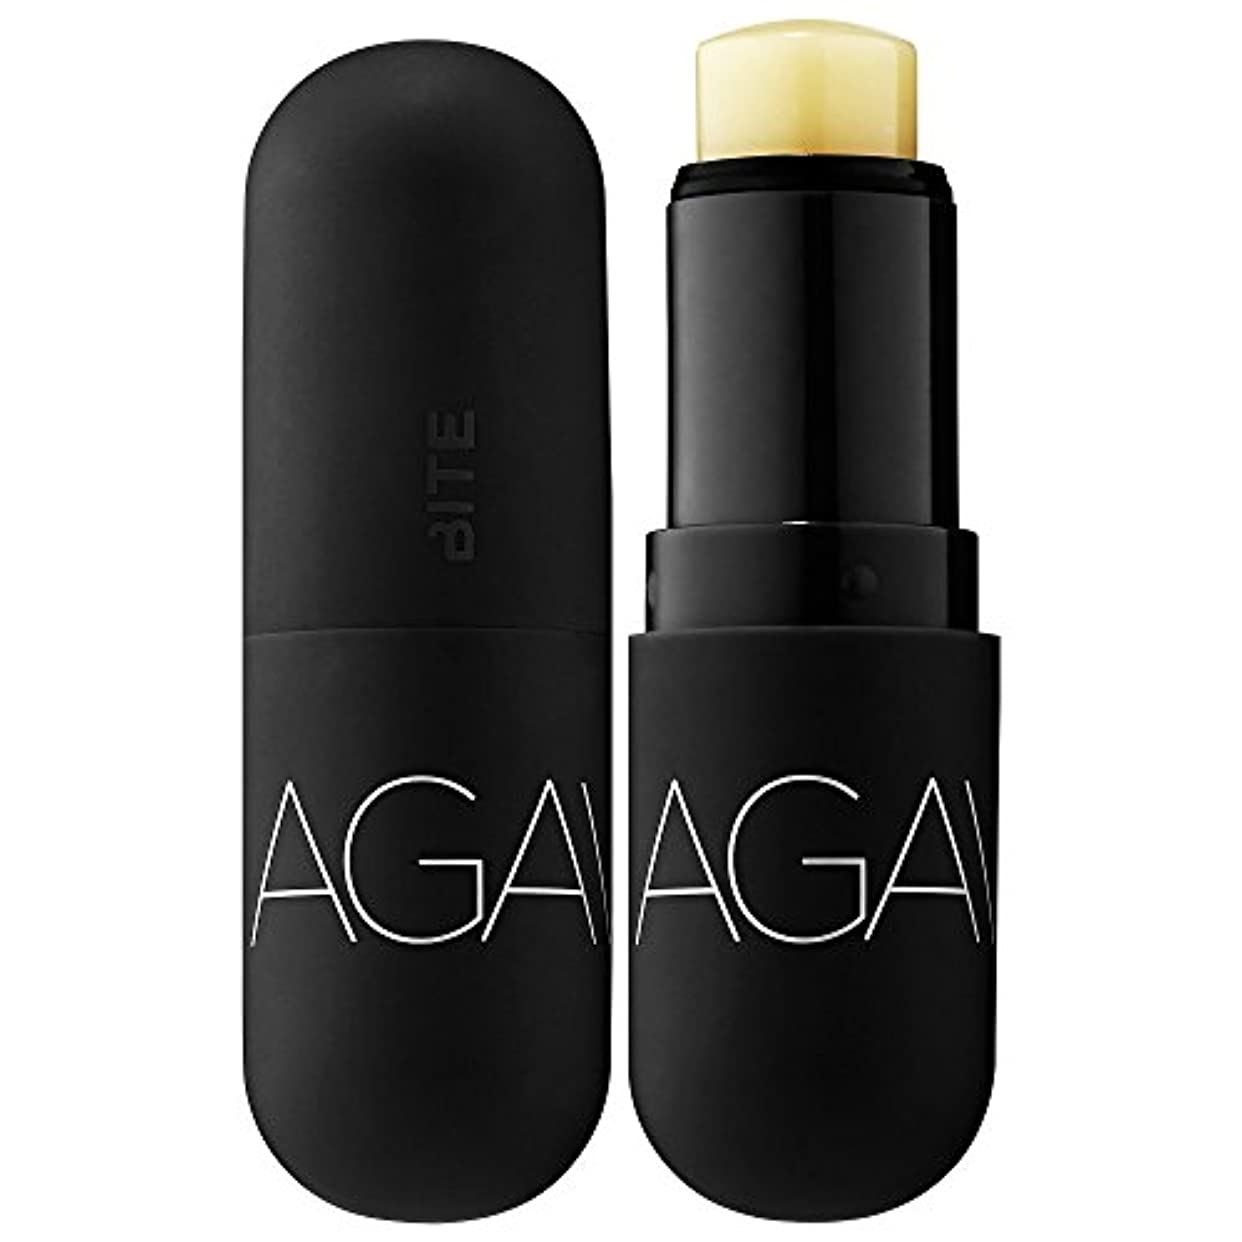 仲間、同僚結果準備するBITE BEAUTY Agave+ Daytime Vegan Lip Balm